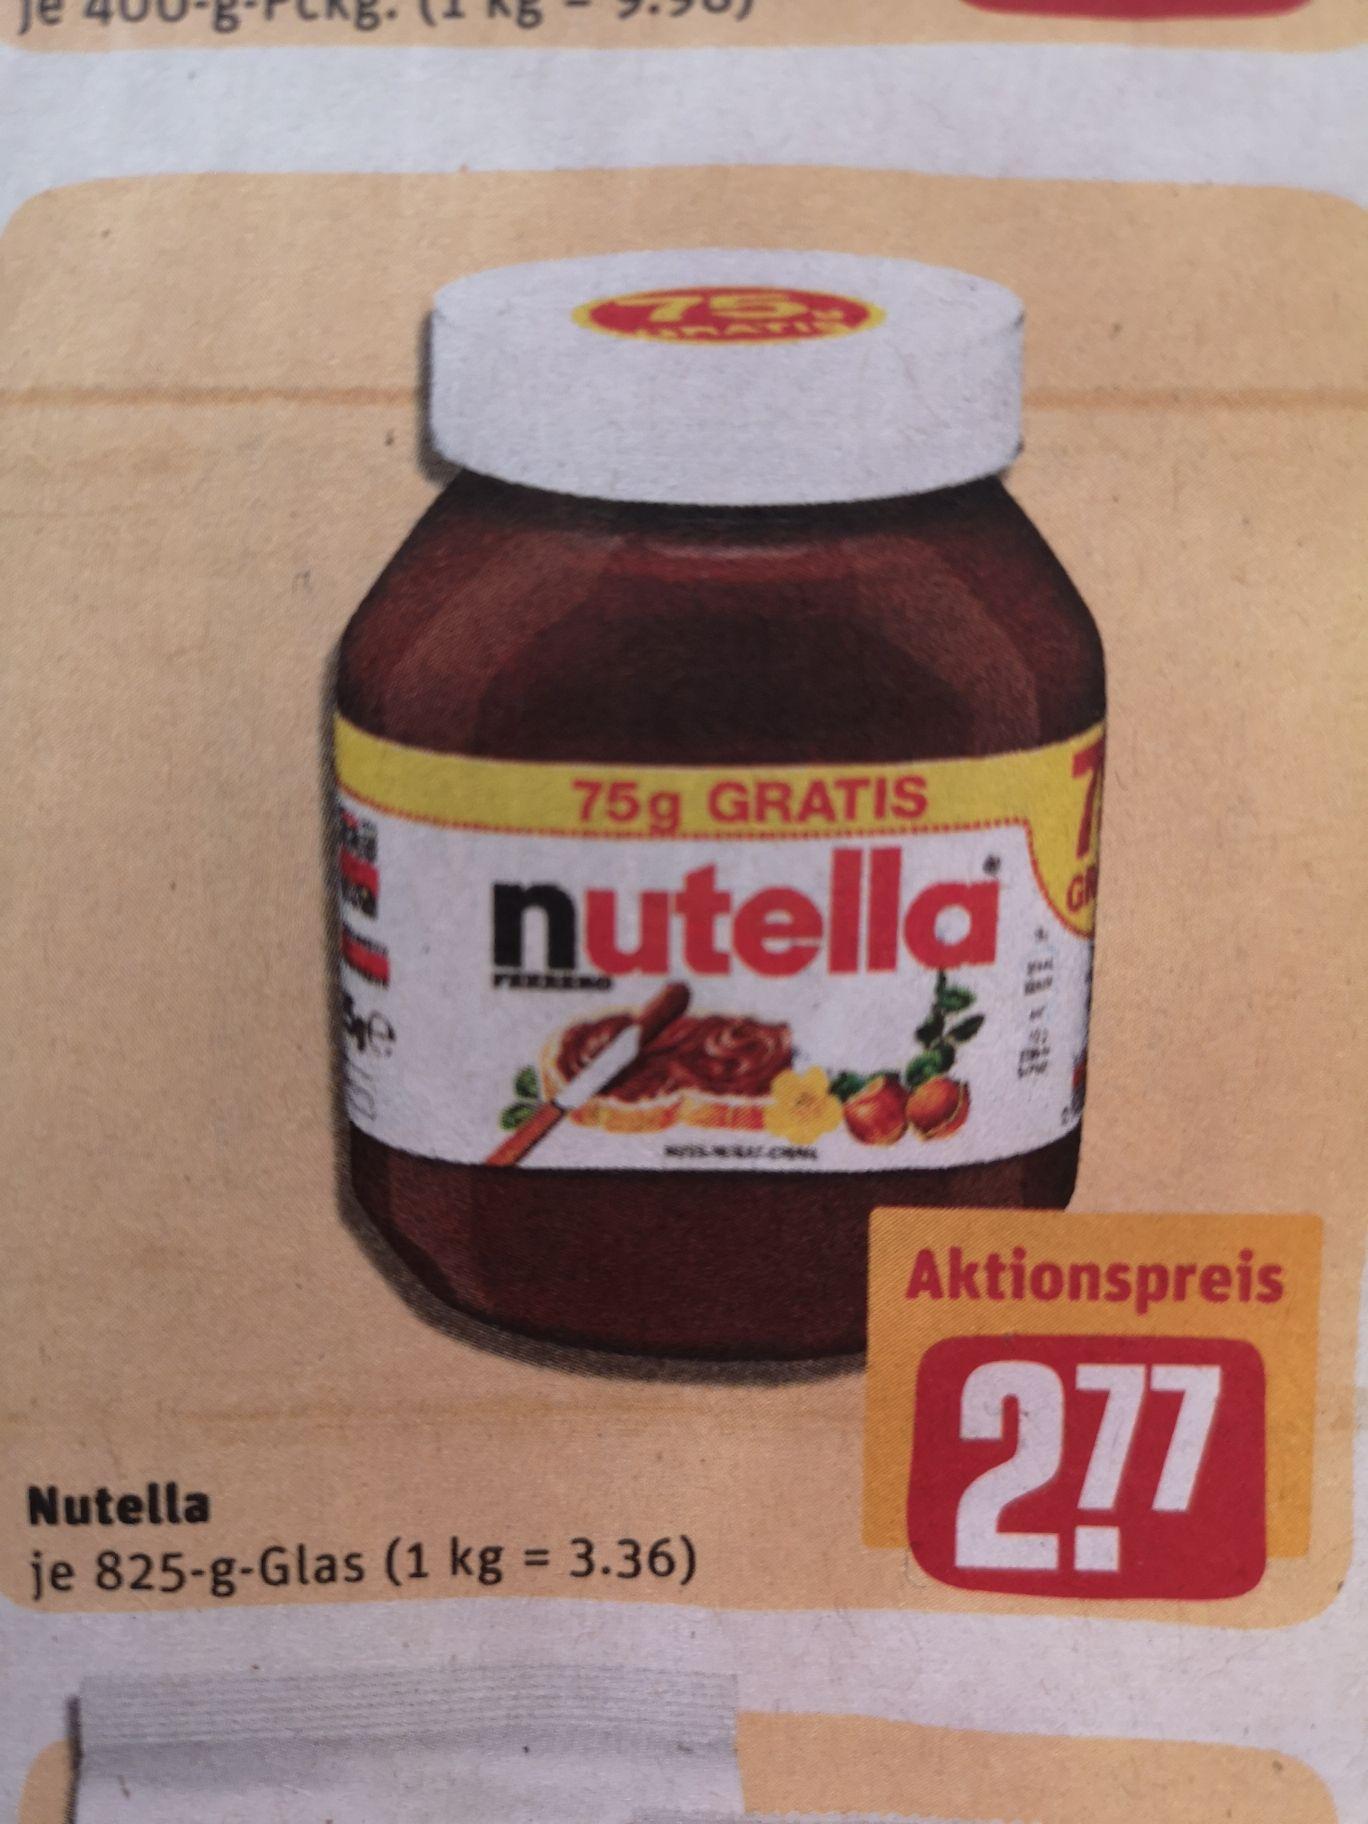 Nutella 825g für 2.77 € beim Rewe (1kg/3,36 Euro)